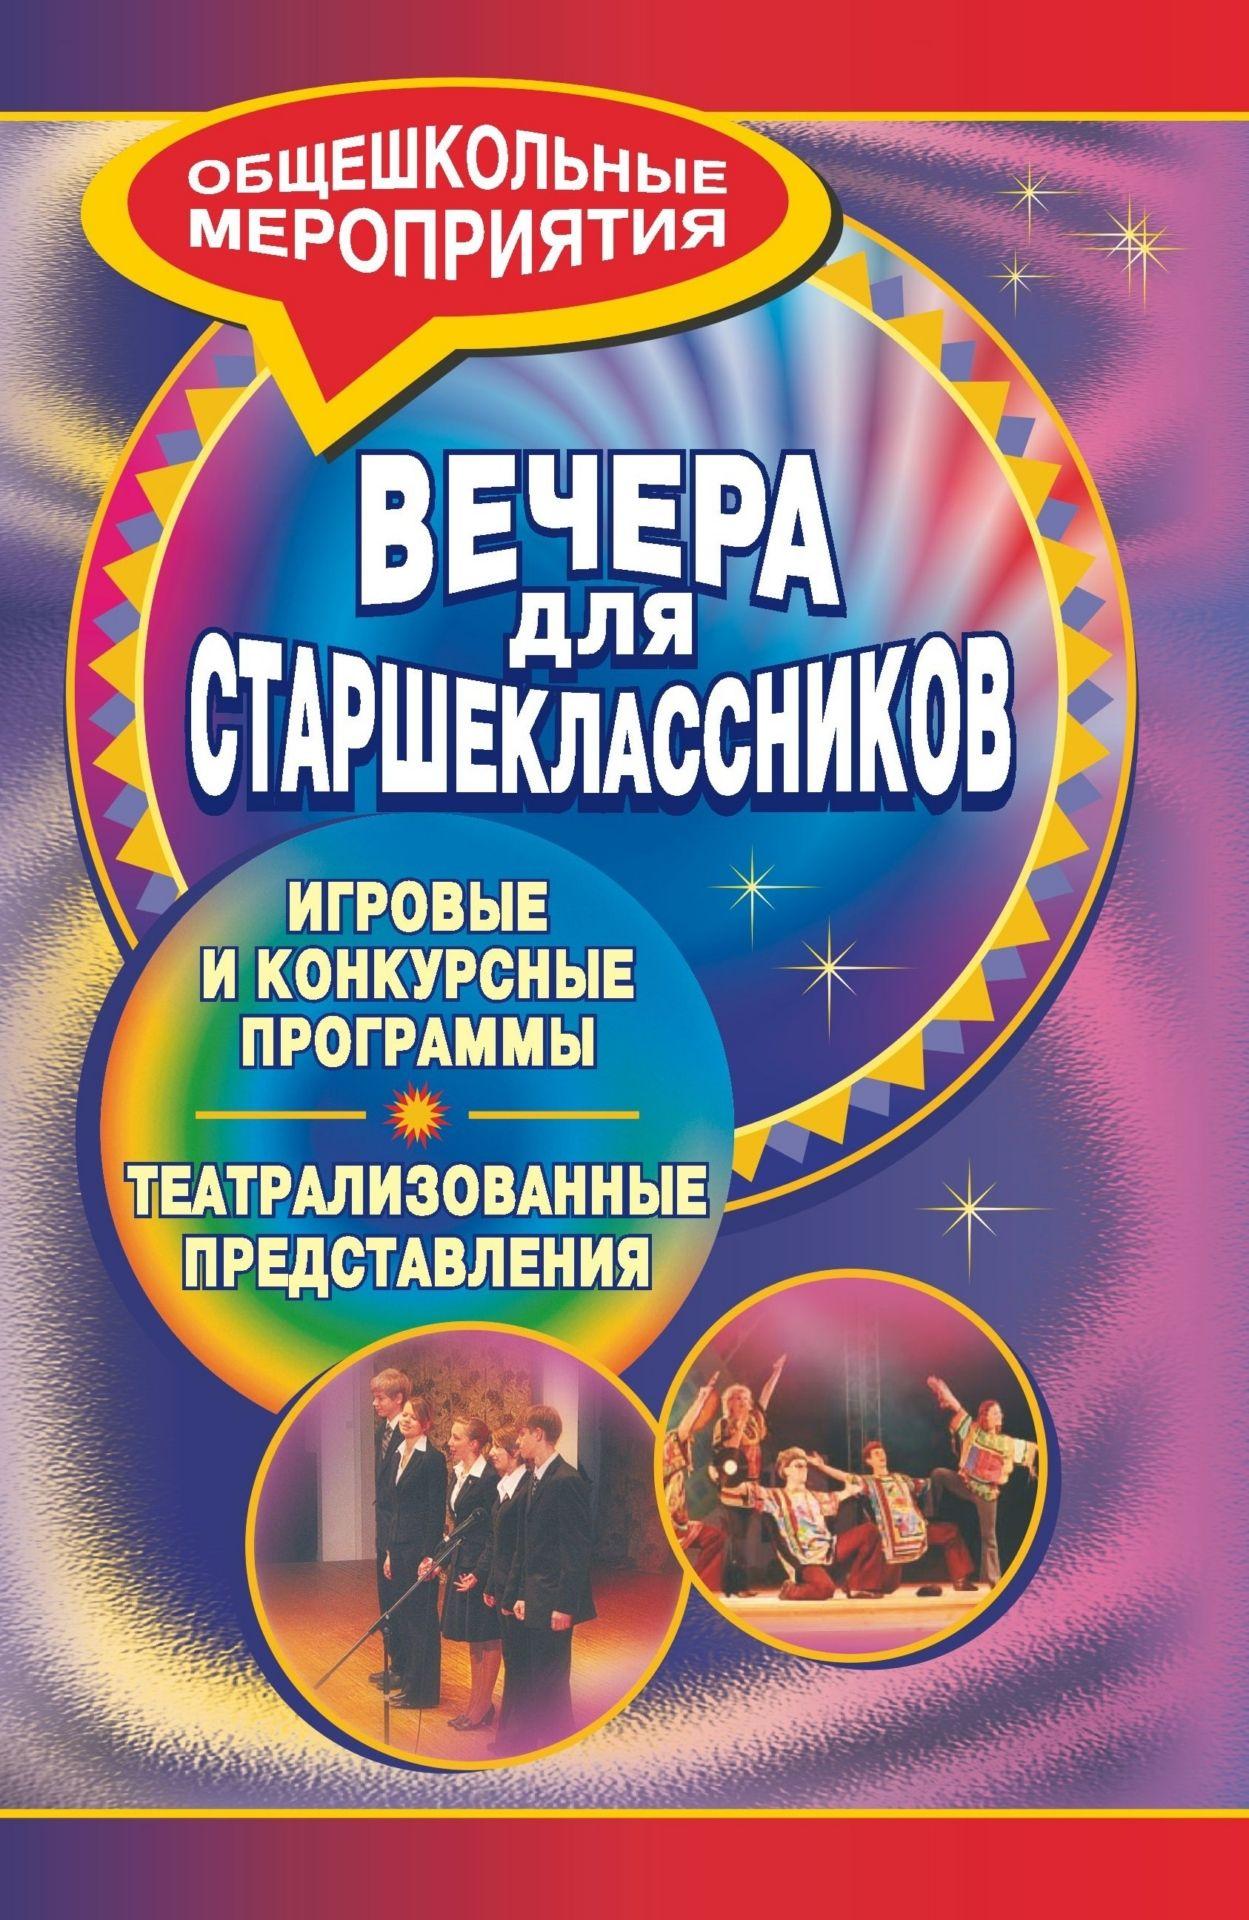 Вечера для старшеклассников: игровые и конкурсные программы, театрализованные представления